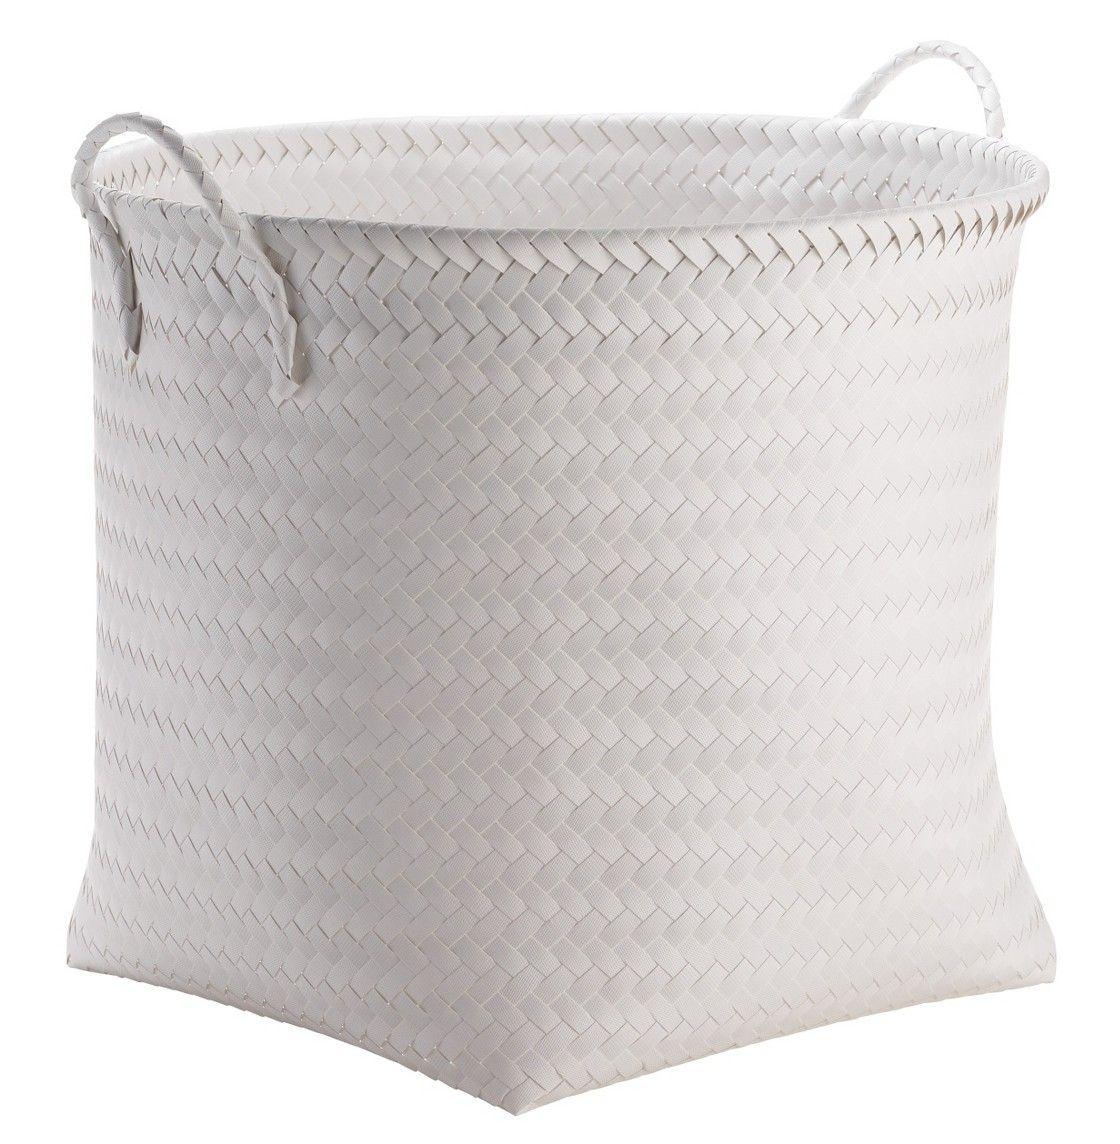 Large Round Woven Plastic Storage Basket   White   Room Essentials™